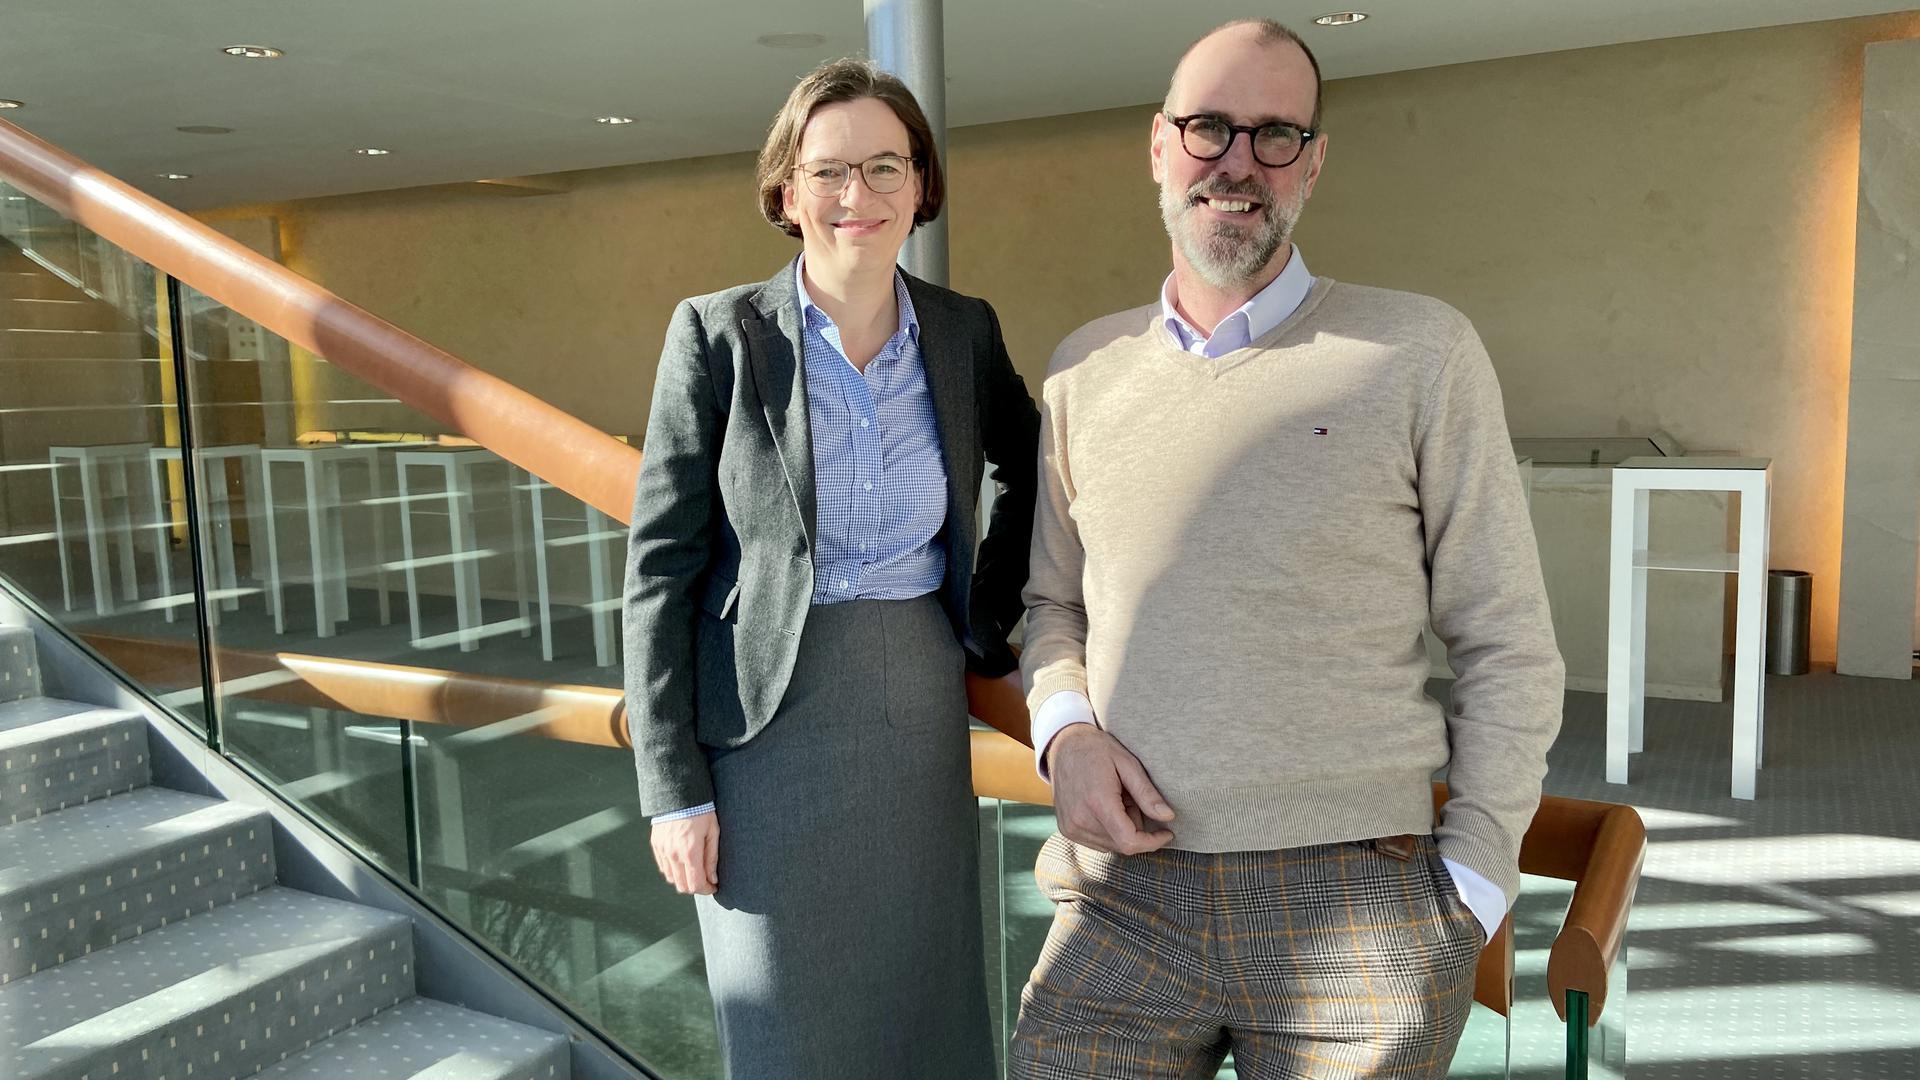 Neue Spitze mit viel Tatendrang: Ursula Koners und Benedikt Stampa führen seit November gemeinsam die Geschicke am Festspielhaus Baden-Baden und wollen es zu einem Zentrum des Europäischen Musiklebens machen.